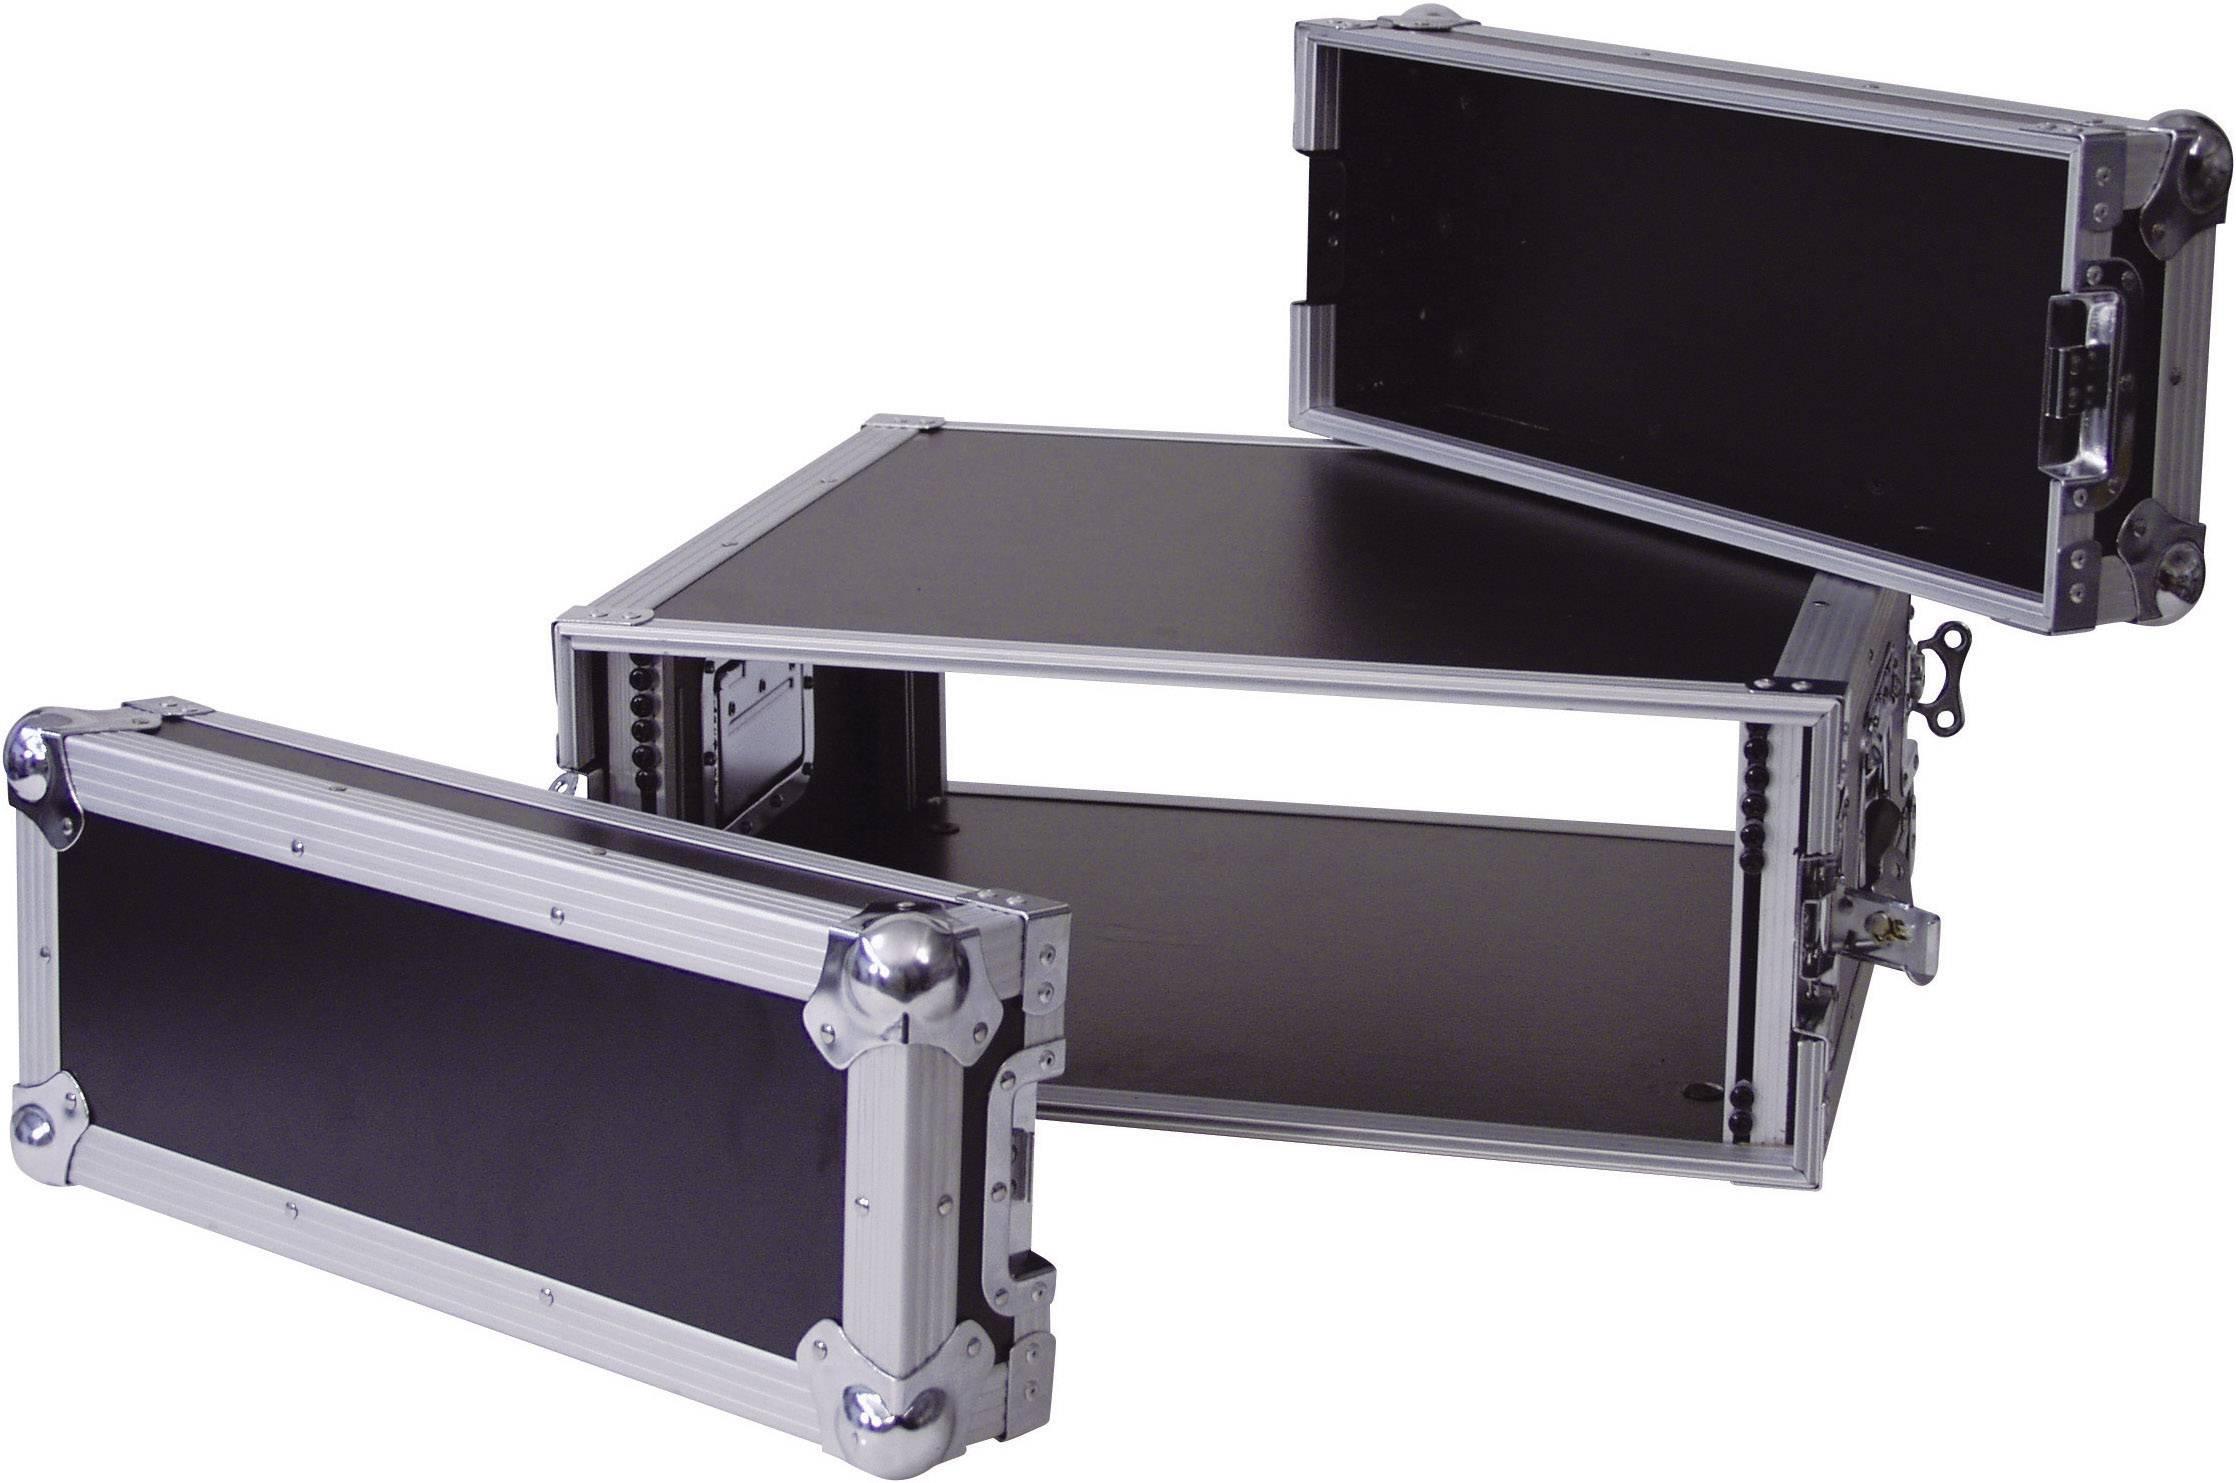 19palcový rack pro zesilovače 30109784 360003, 4 U, dřevo